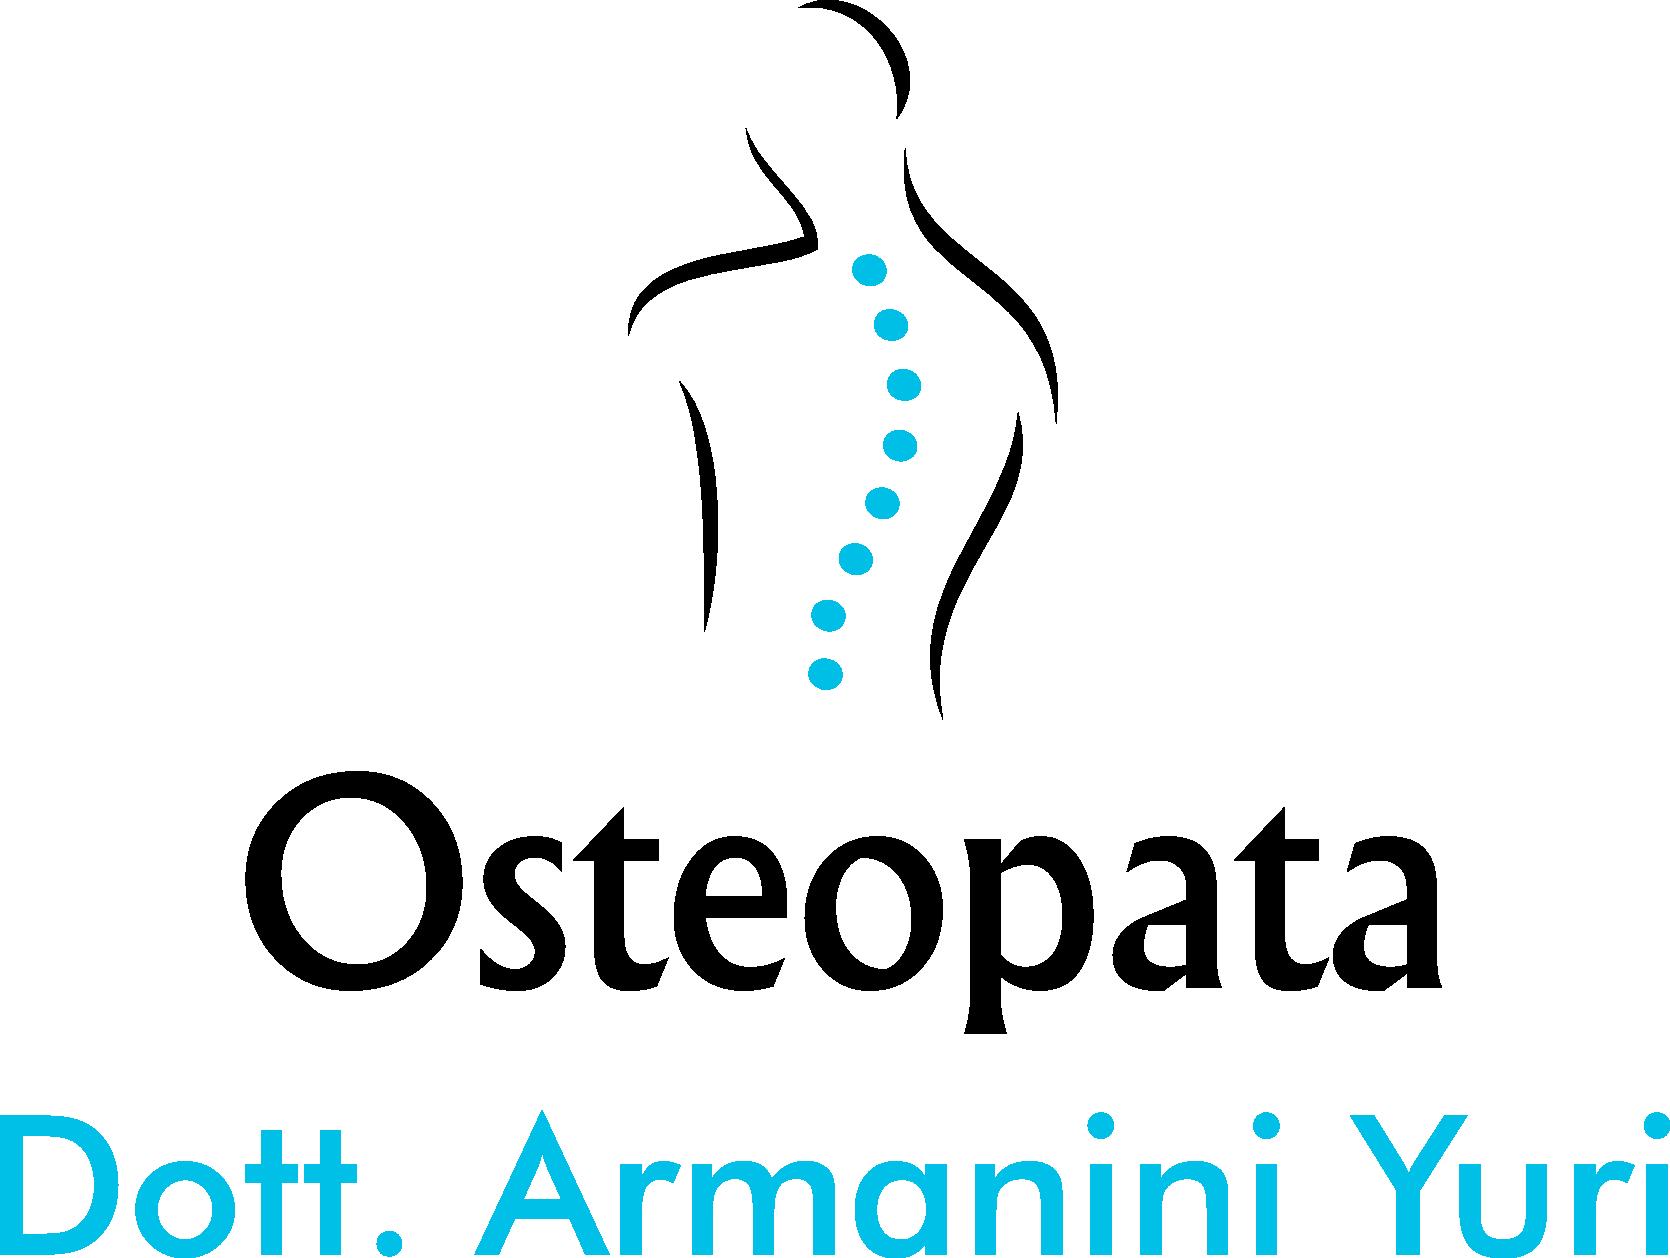 DOTT. YURI ARMANINI